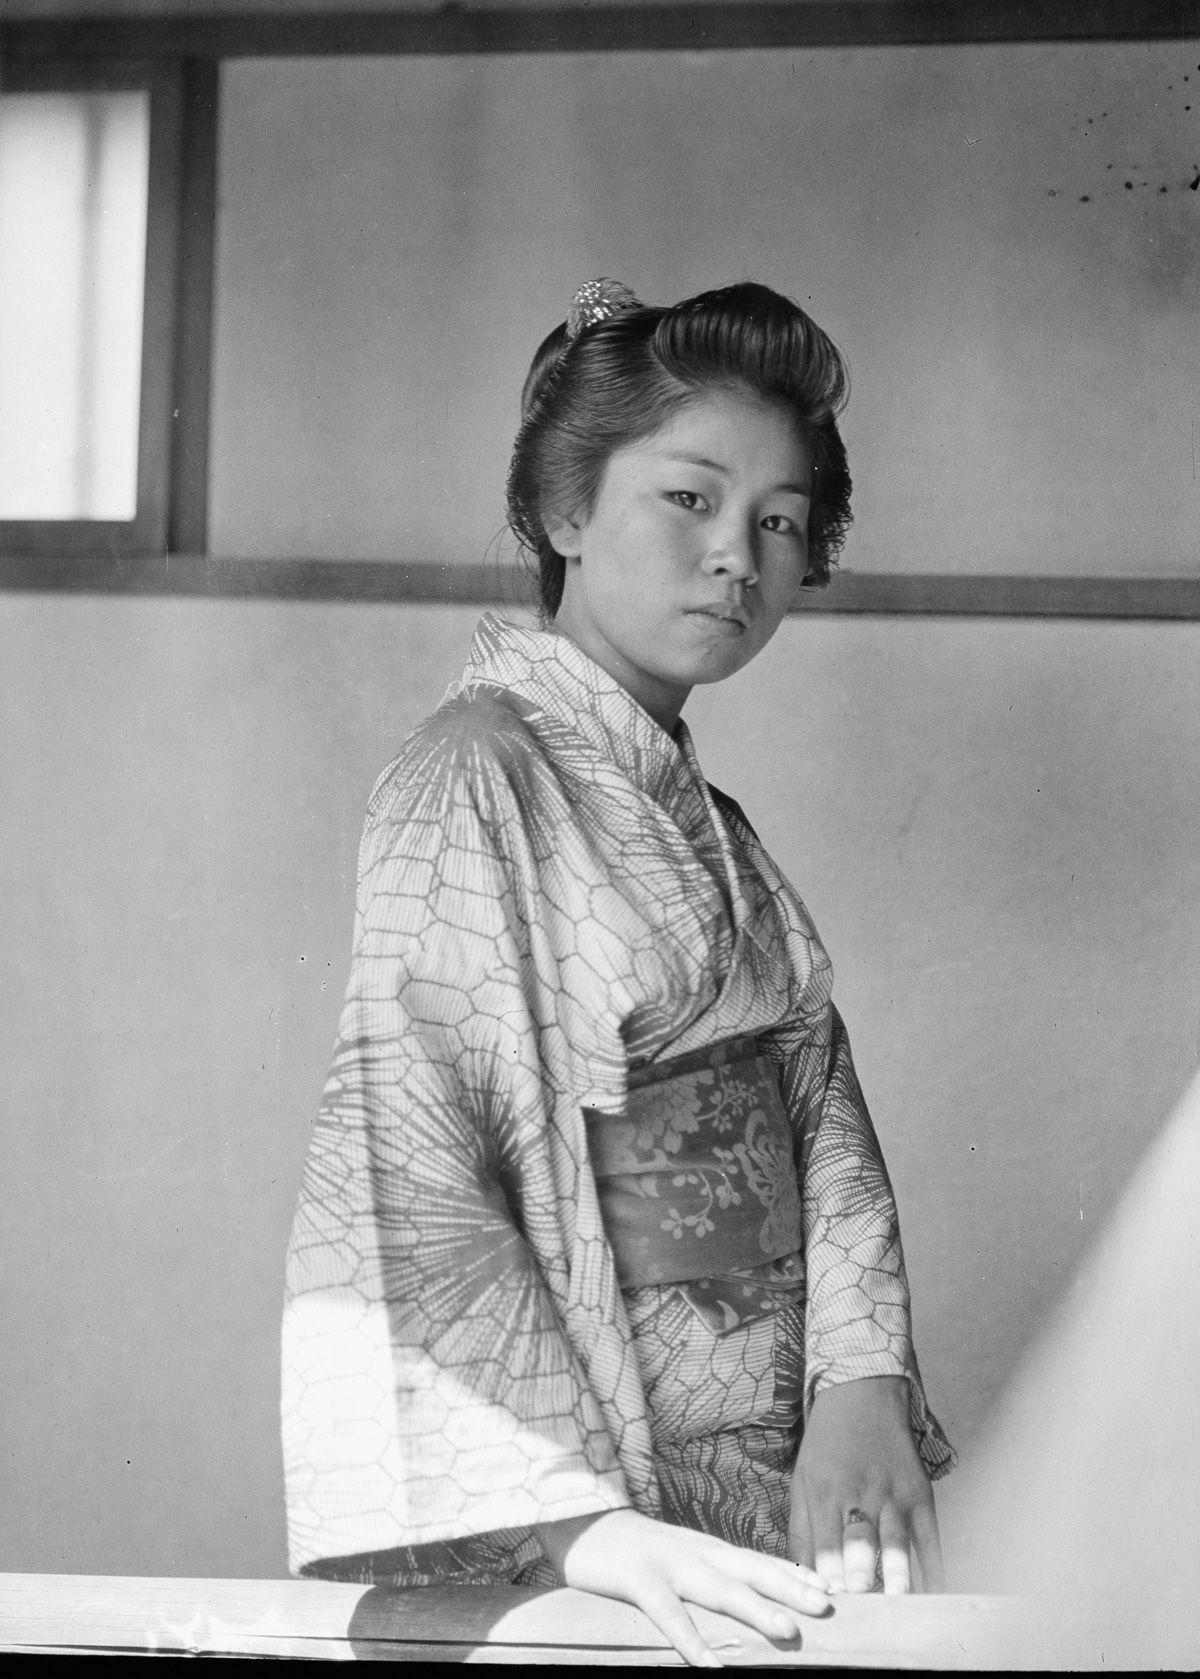 Yaponiya istoricheskie foto Arnold Dzhente 27